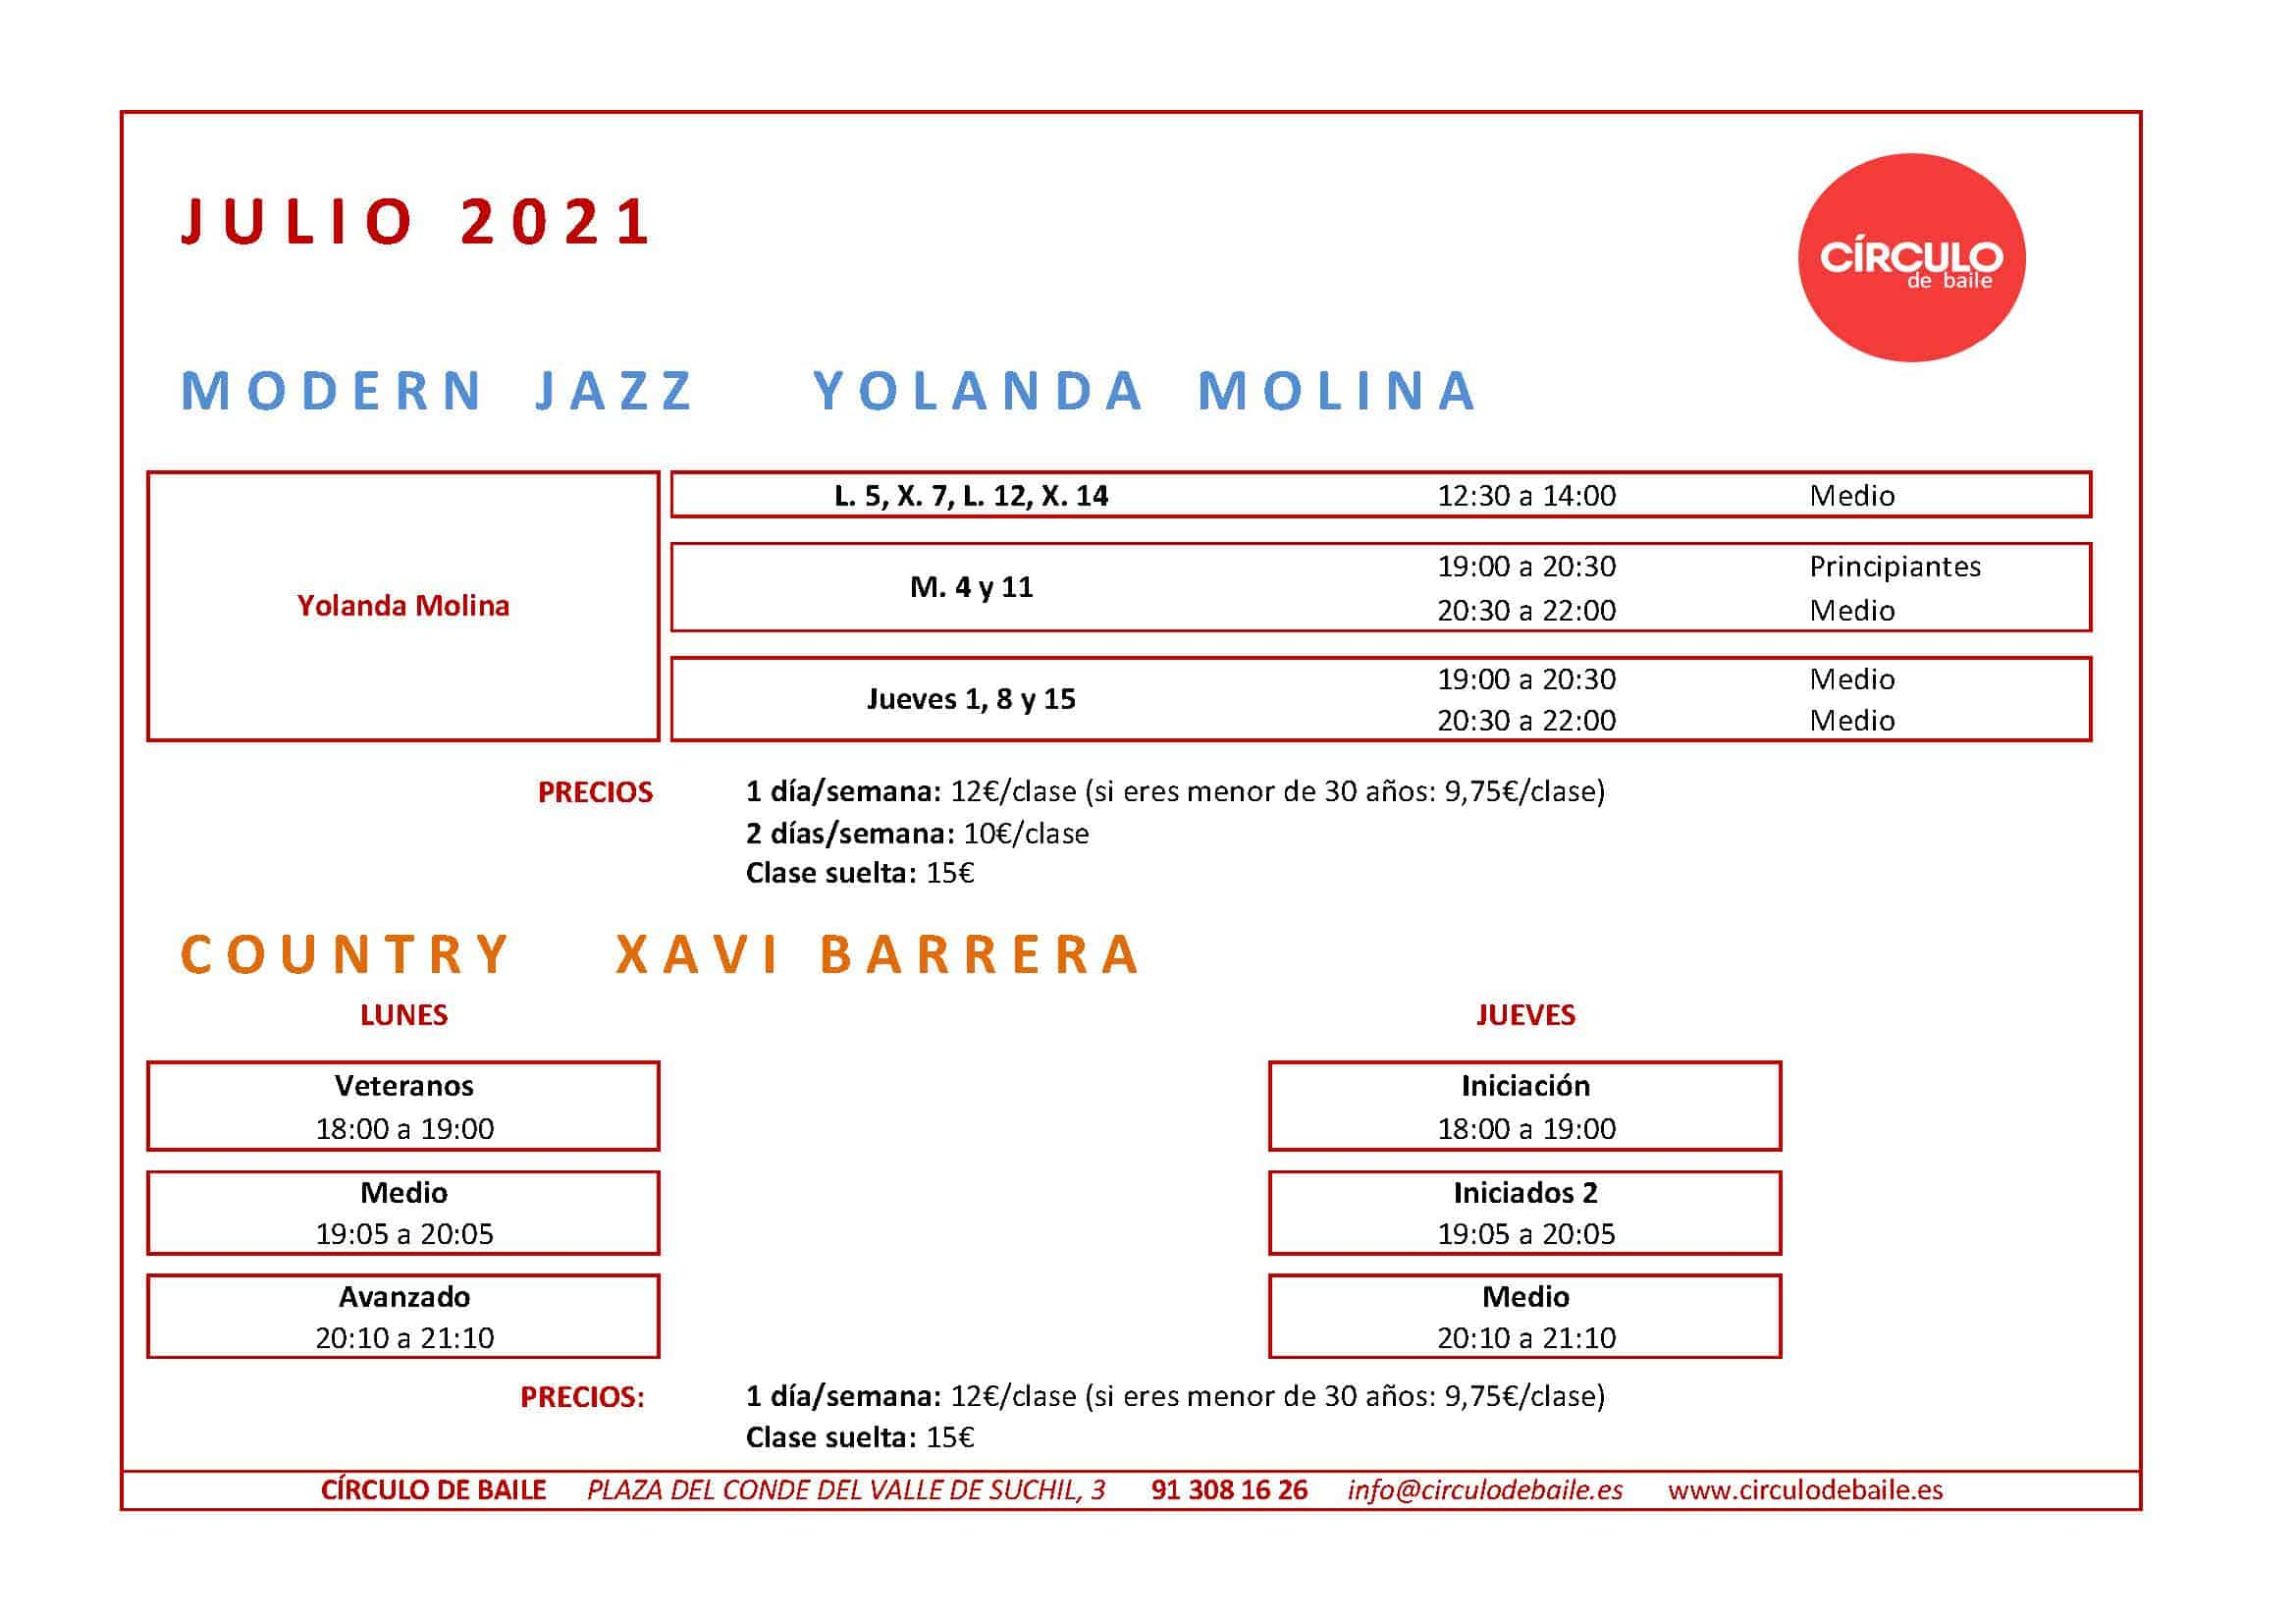 Horarios de las clases regulares que continúan en julio 2021 en Circulo de Baile